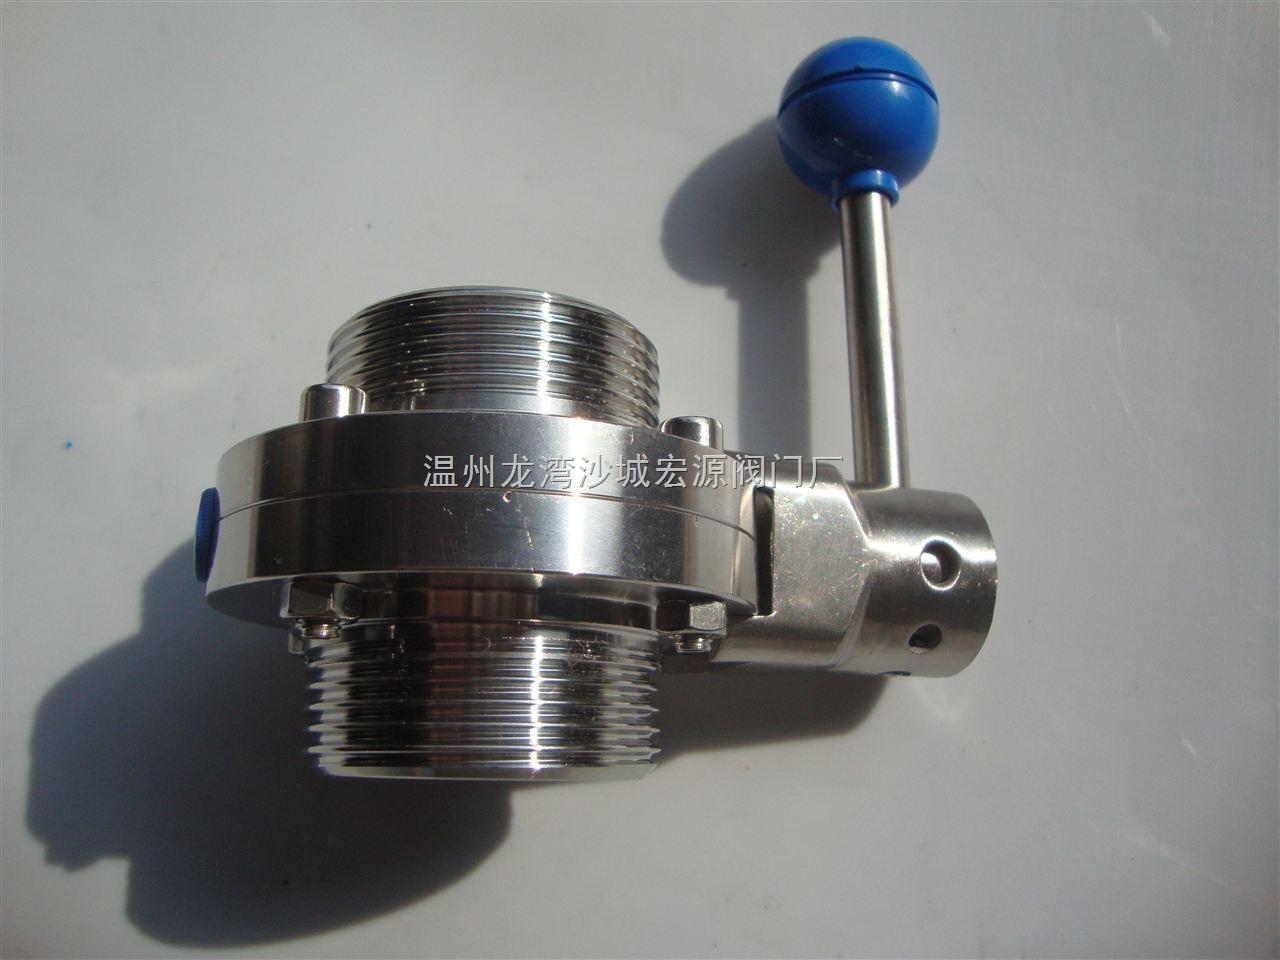 hy-卫生级外螺纹蝶阀(t螺圆螺)产品特点图片